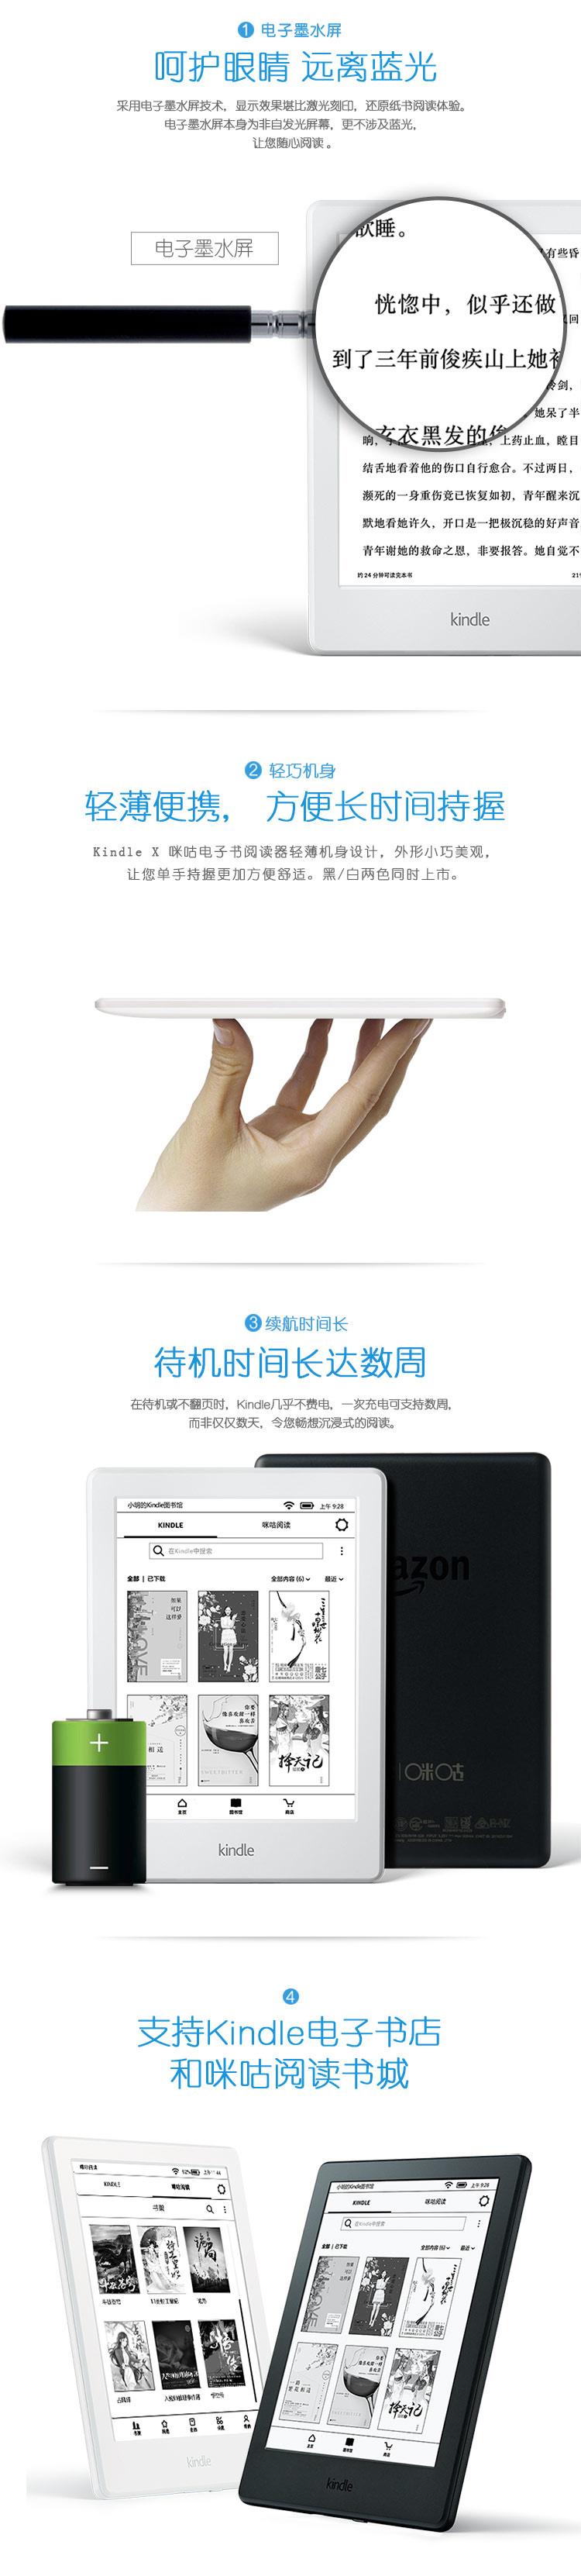 Kindle X咪咕 电纸书阅读器 电子书墨水屏6英寸wif...-京东